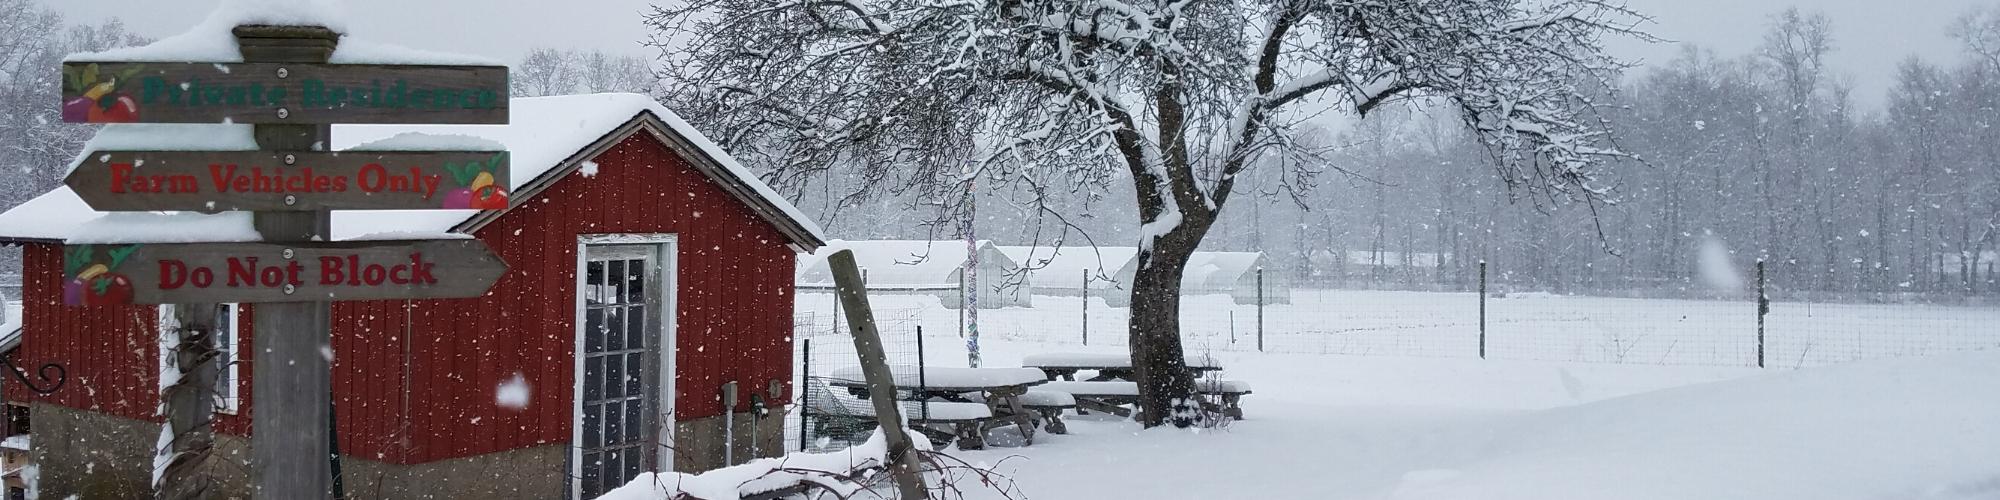 Winterfestcover